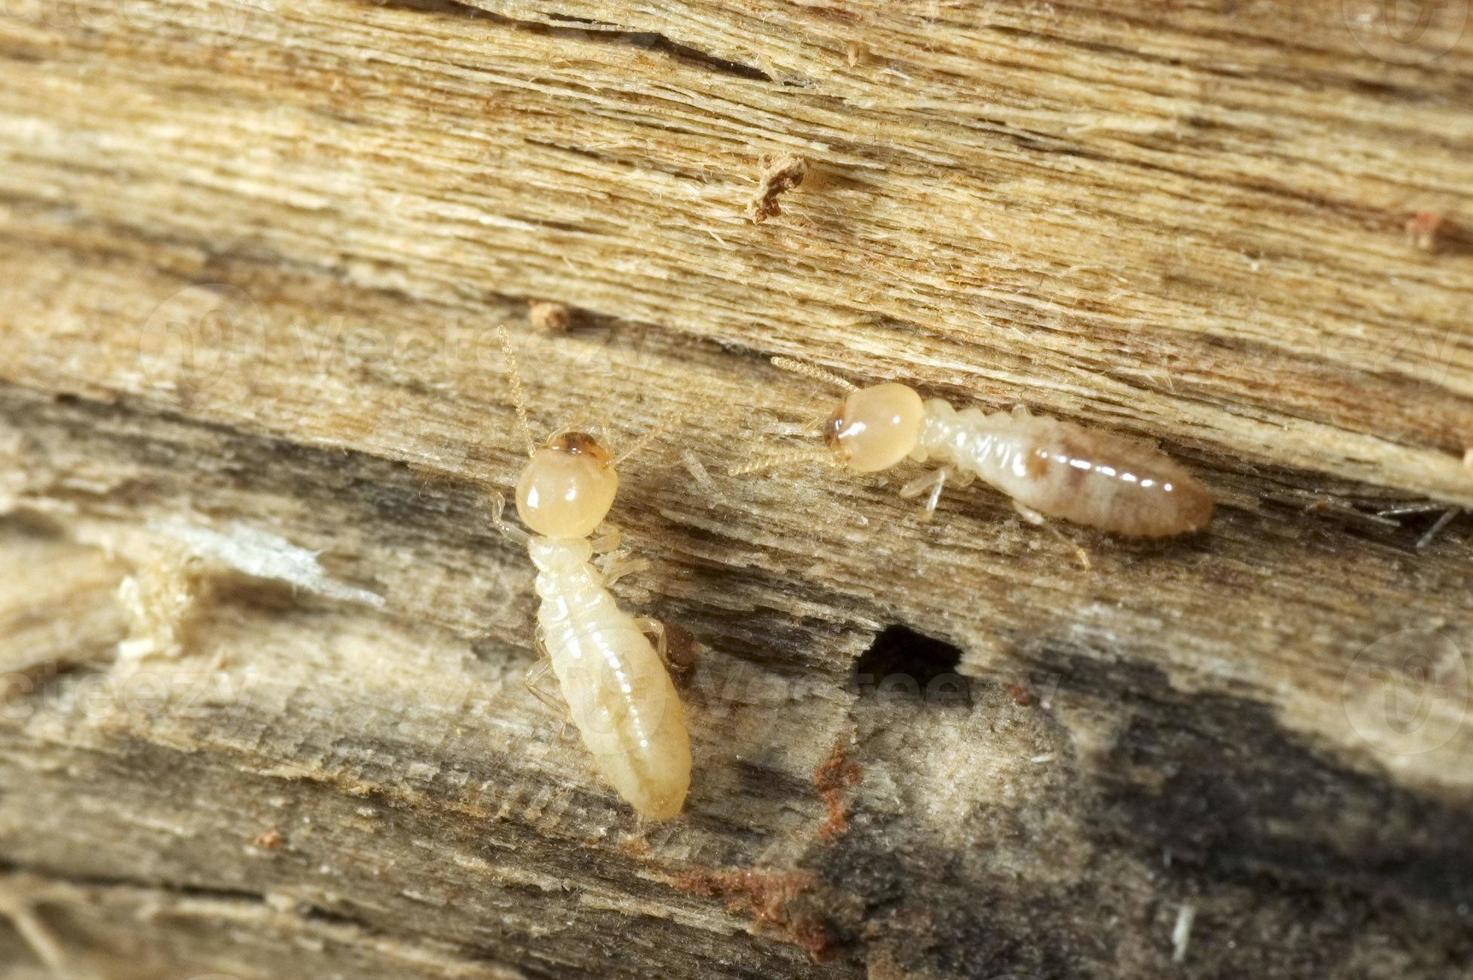 Termites photo